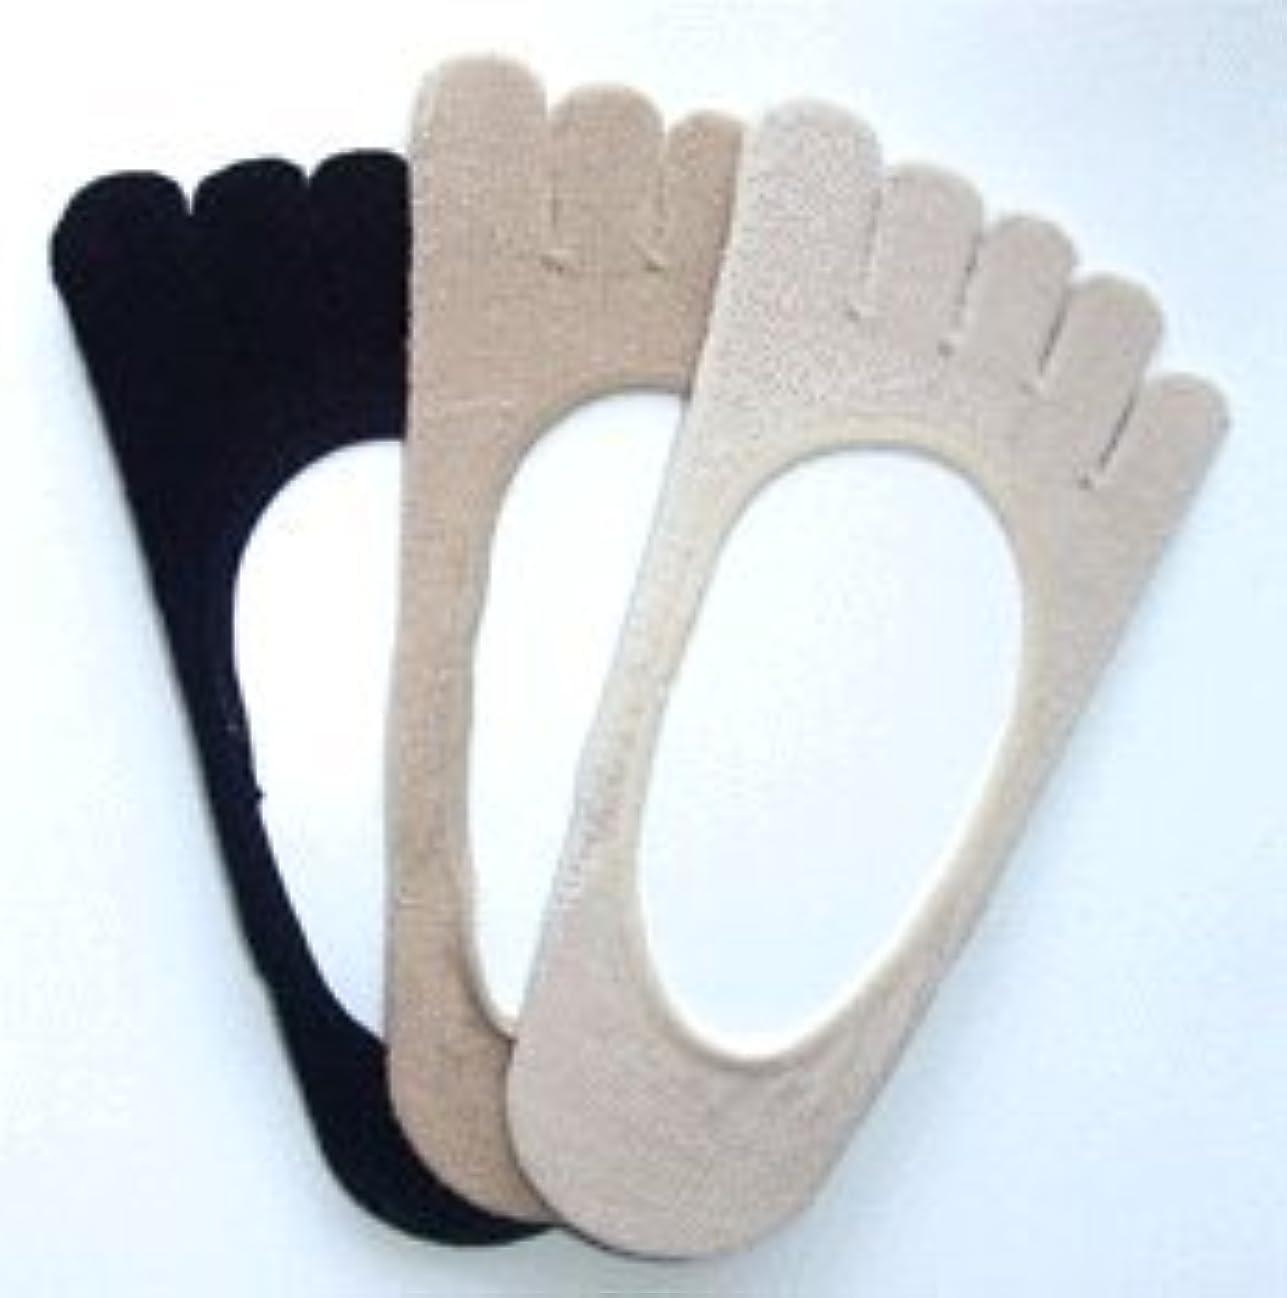 沈黙ぼろ香水日本製 シルク五本指 フットカバー パンプスインソックス 3足組(ベージュ系2足、黒色1足)